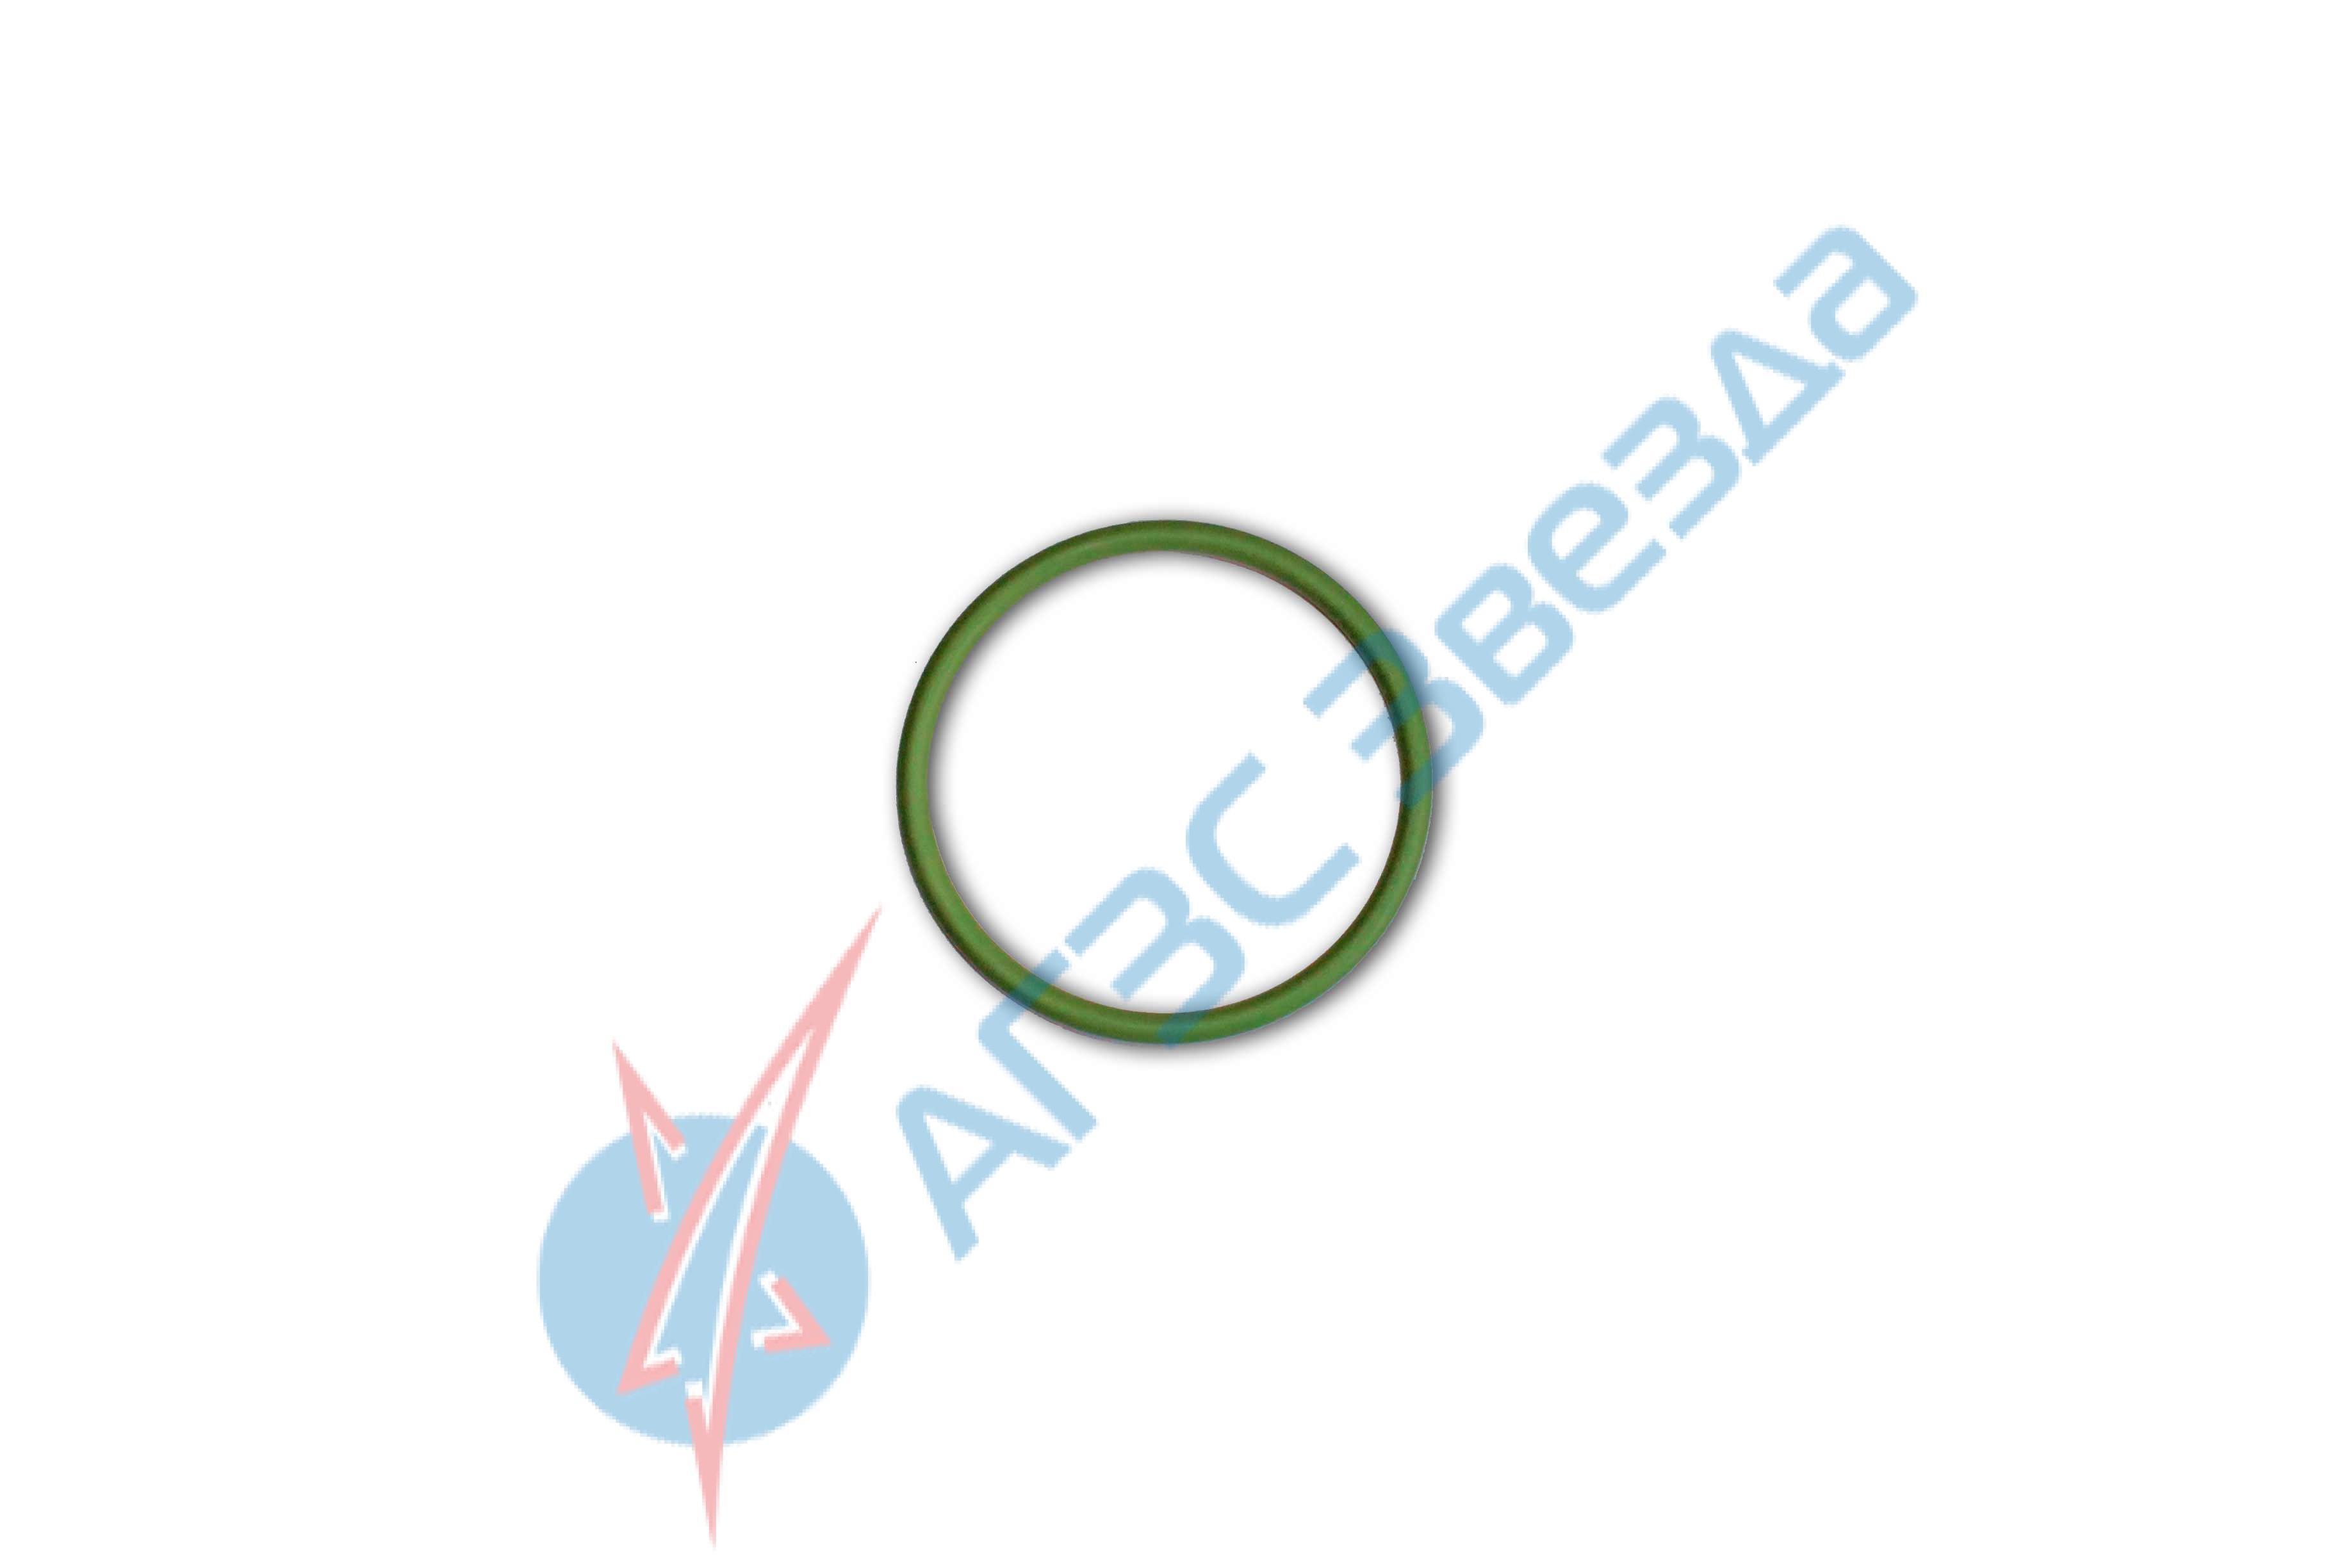 Уплотнительное кольцо под фильтр для датчика давления Lovato большое